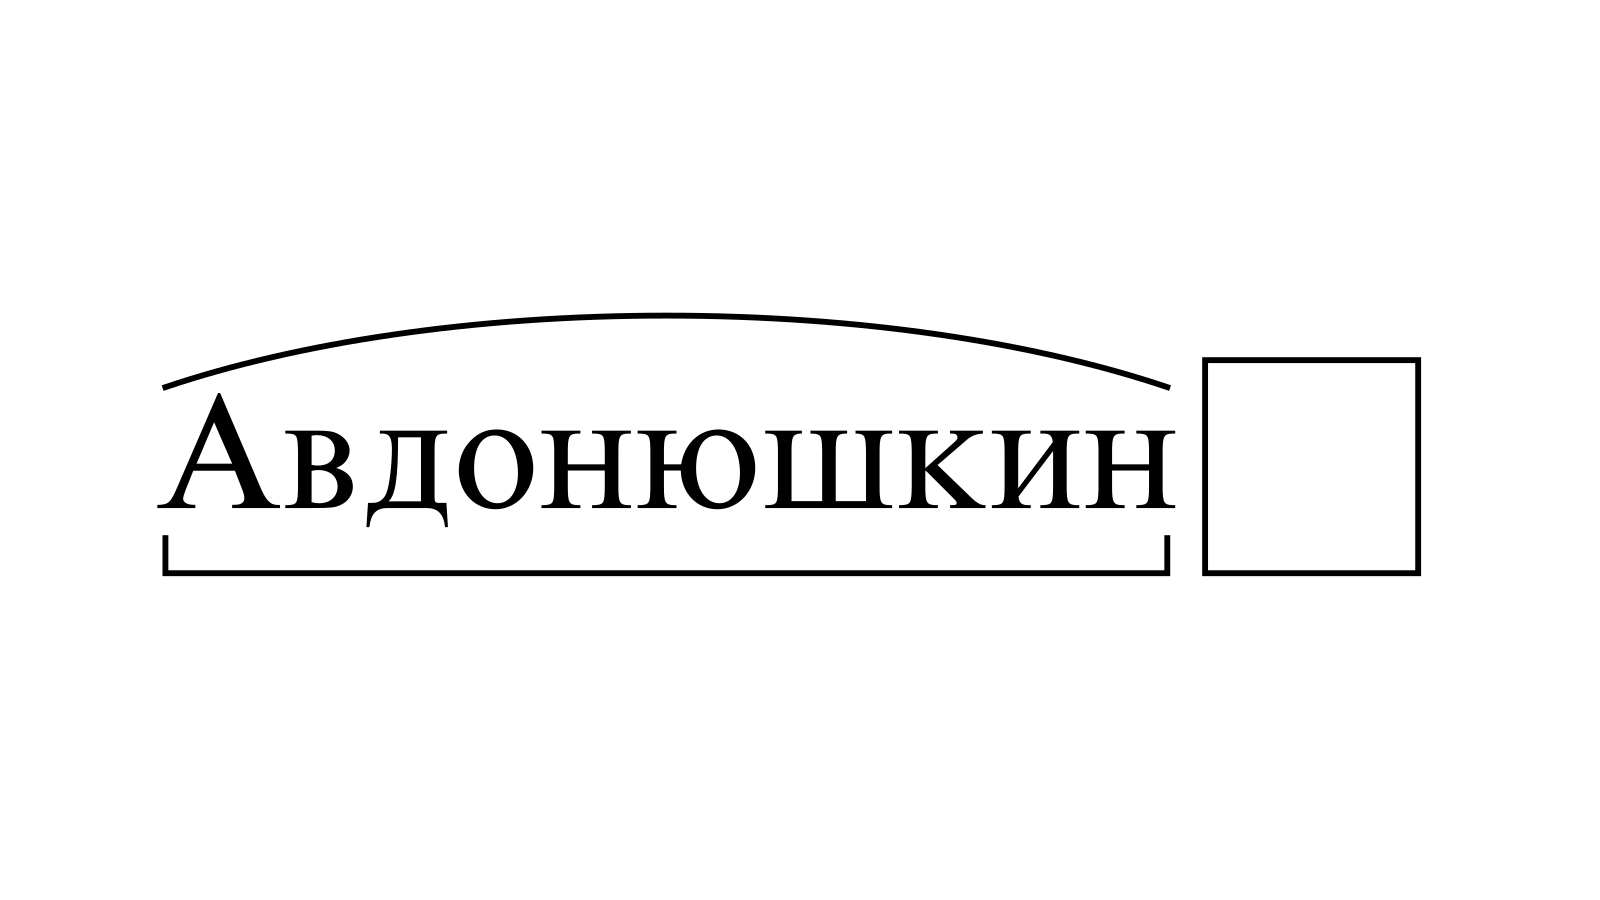 Разбор слова «Авдонюшкин» по составу